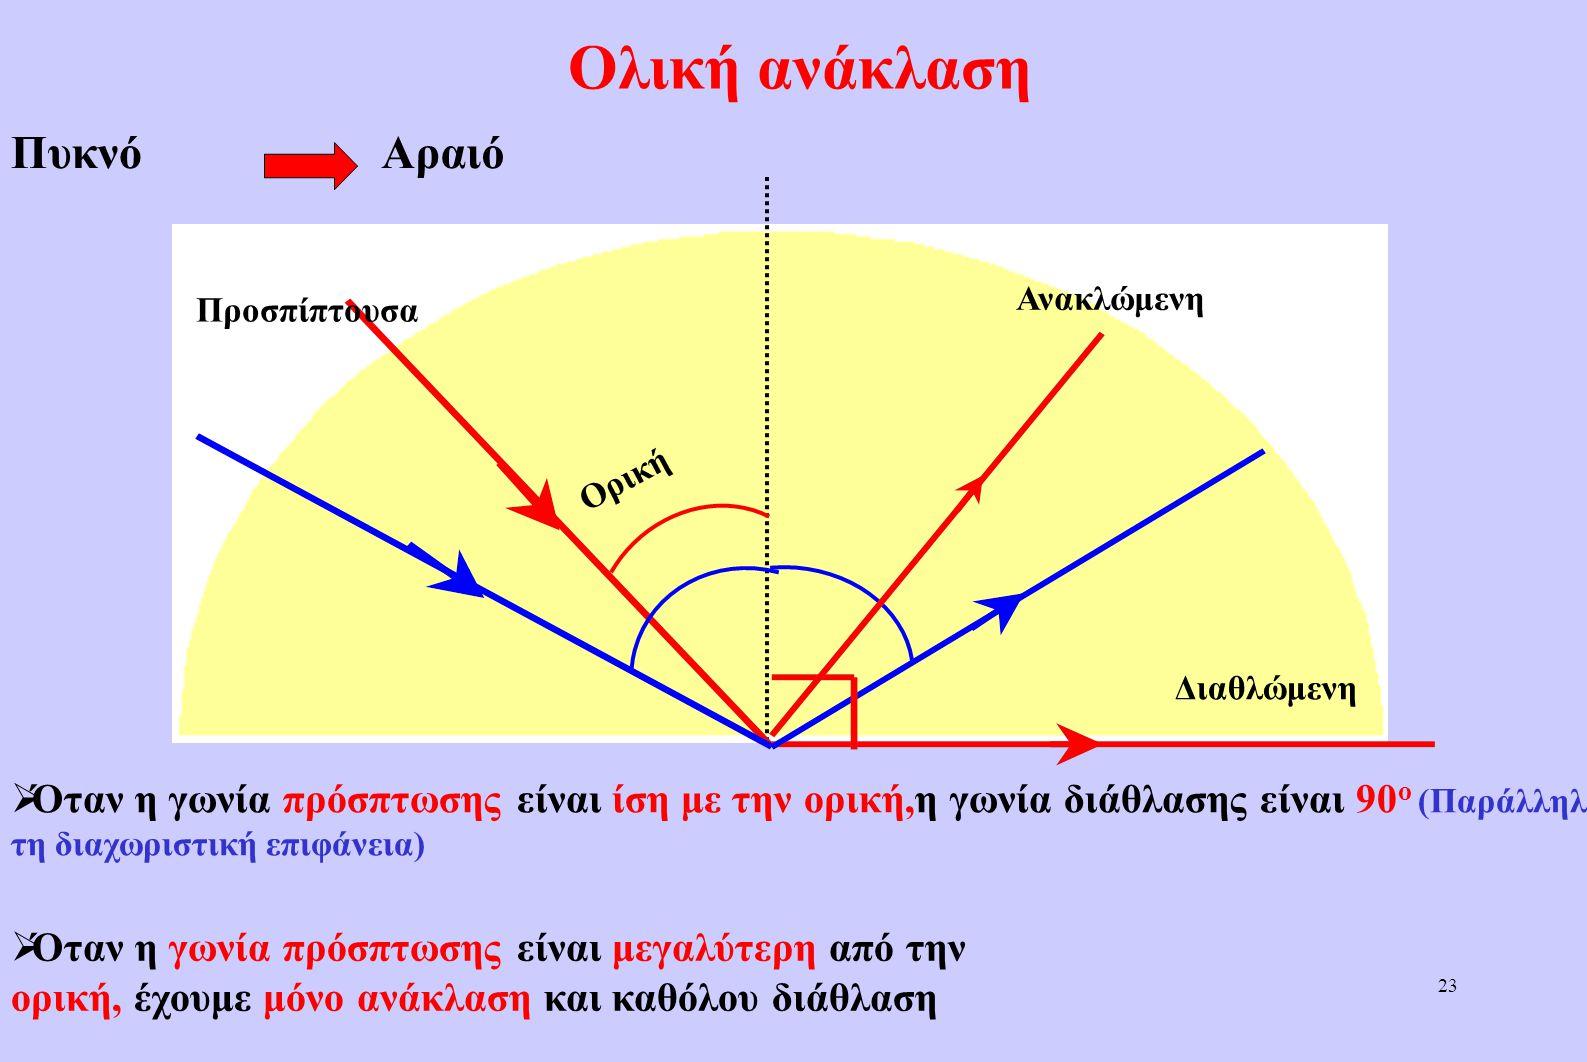 """22 Ορική γωνία Αέρας (αραιό) Νερό (πυκνό)  Όταν η γωνία πρόσπτωσης είναι 90 ο, έχουμε τη μέγιστη γωνία διάθλασης Η Η γωνία αυτή ονομάζεται """"ορική"""","""